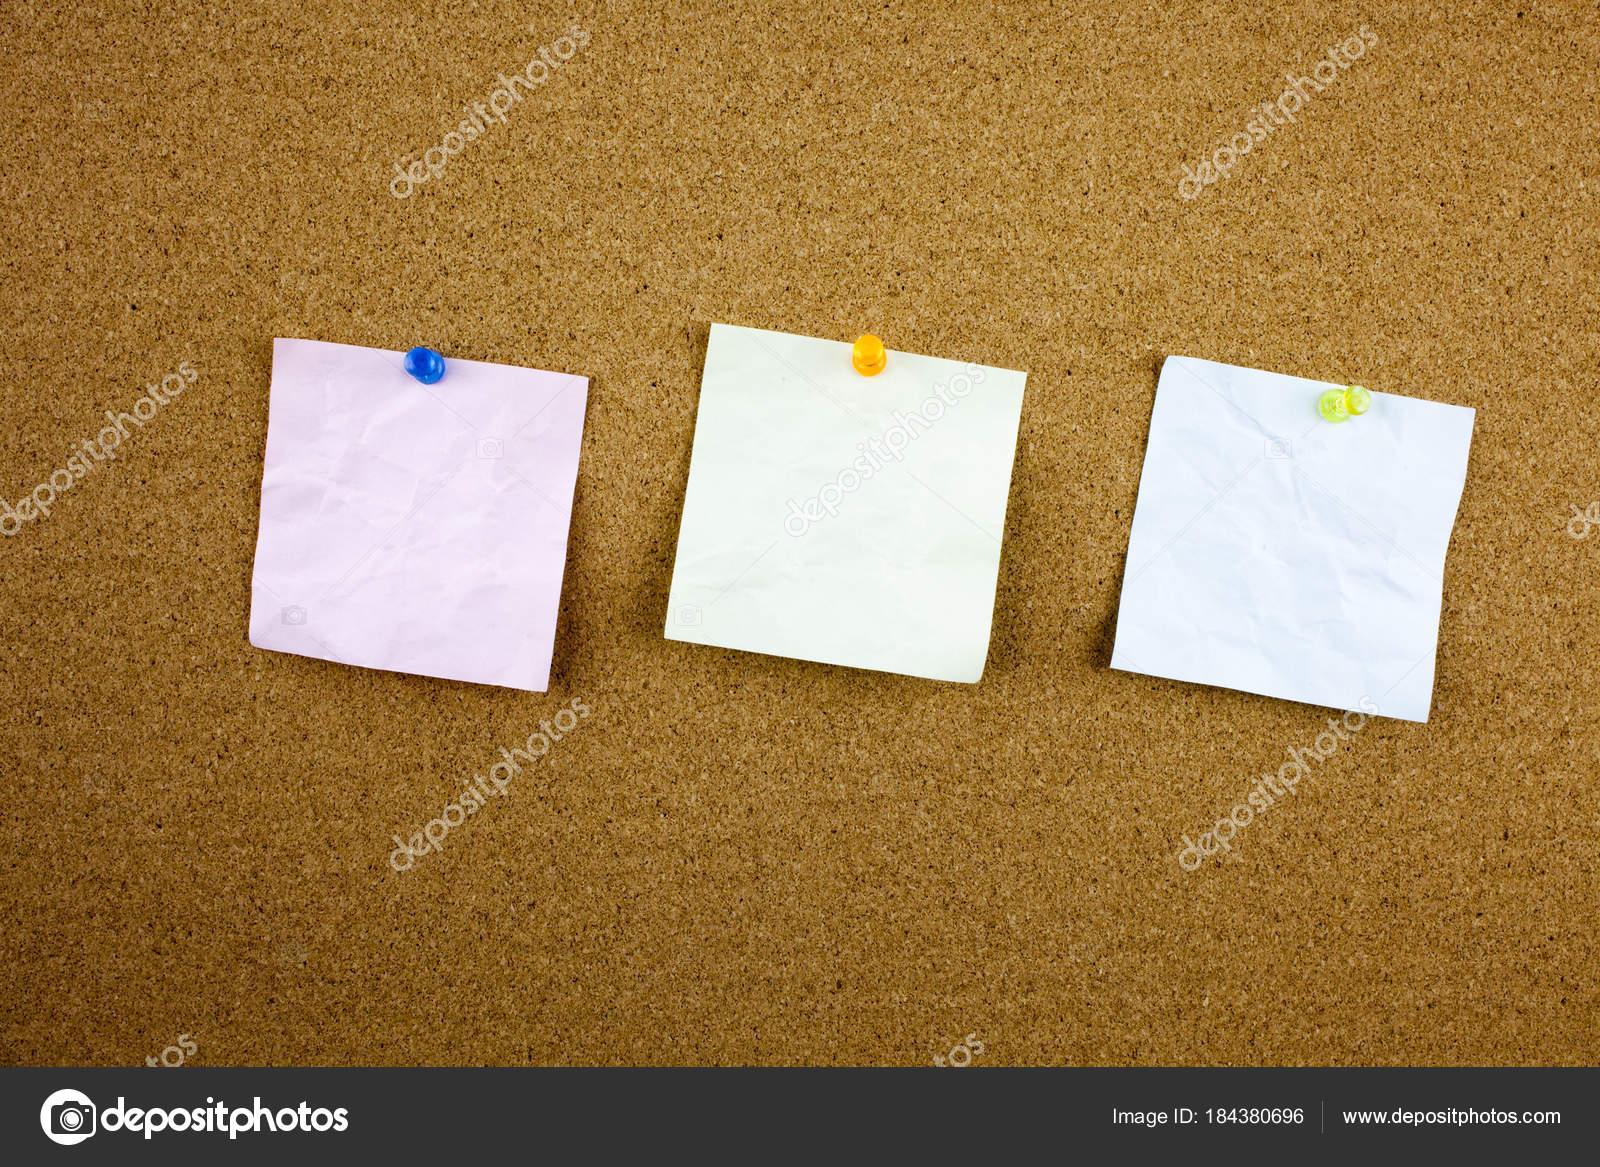 Bacheche Per Ufficio : Nota documento allineato con il nastro adesivo. pezzo di carta sulla